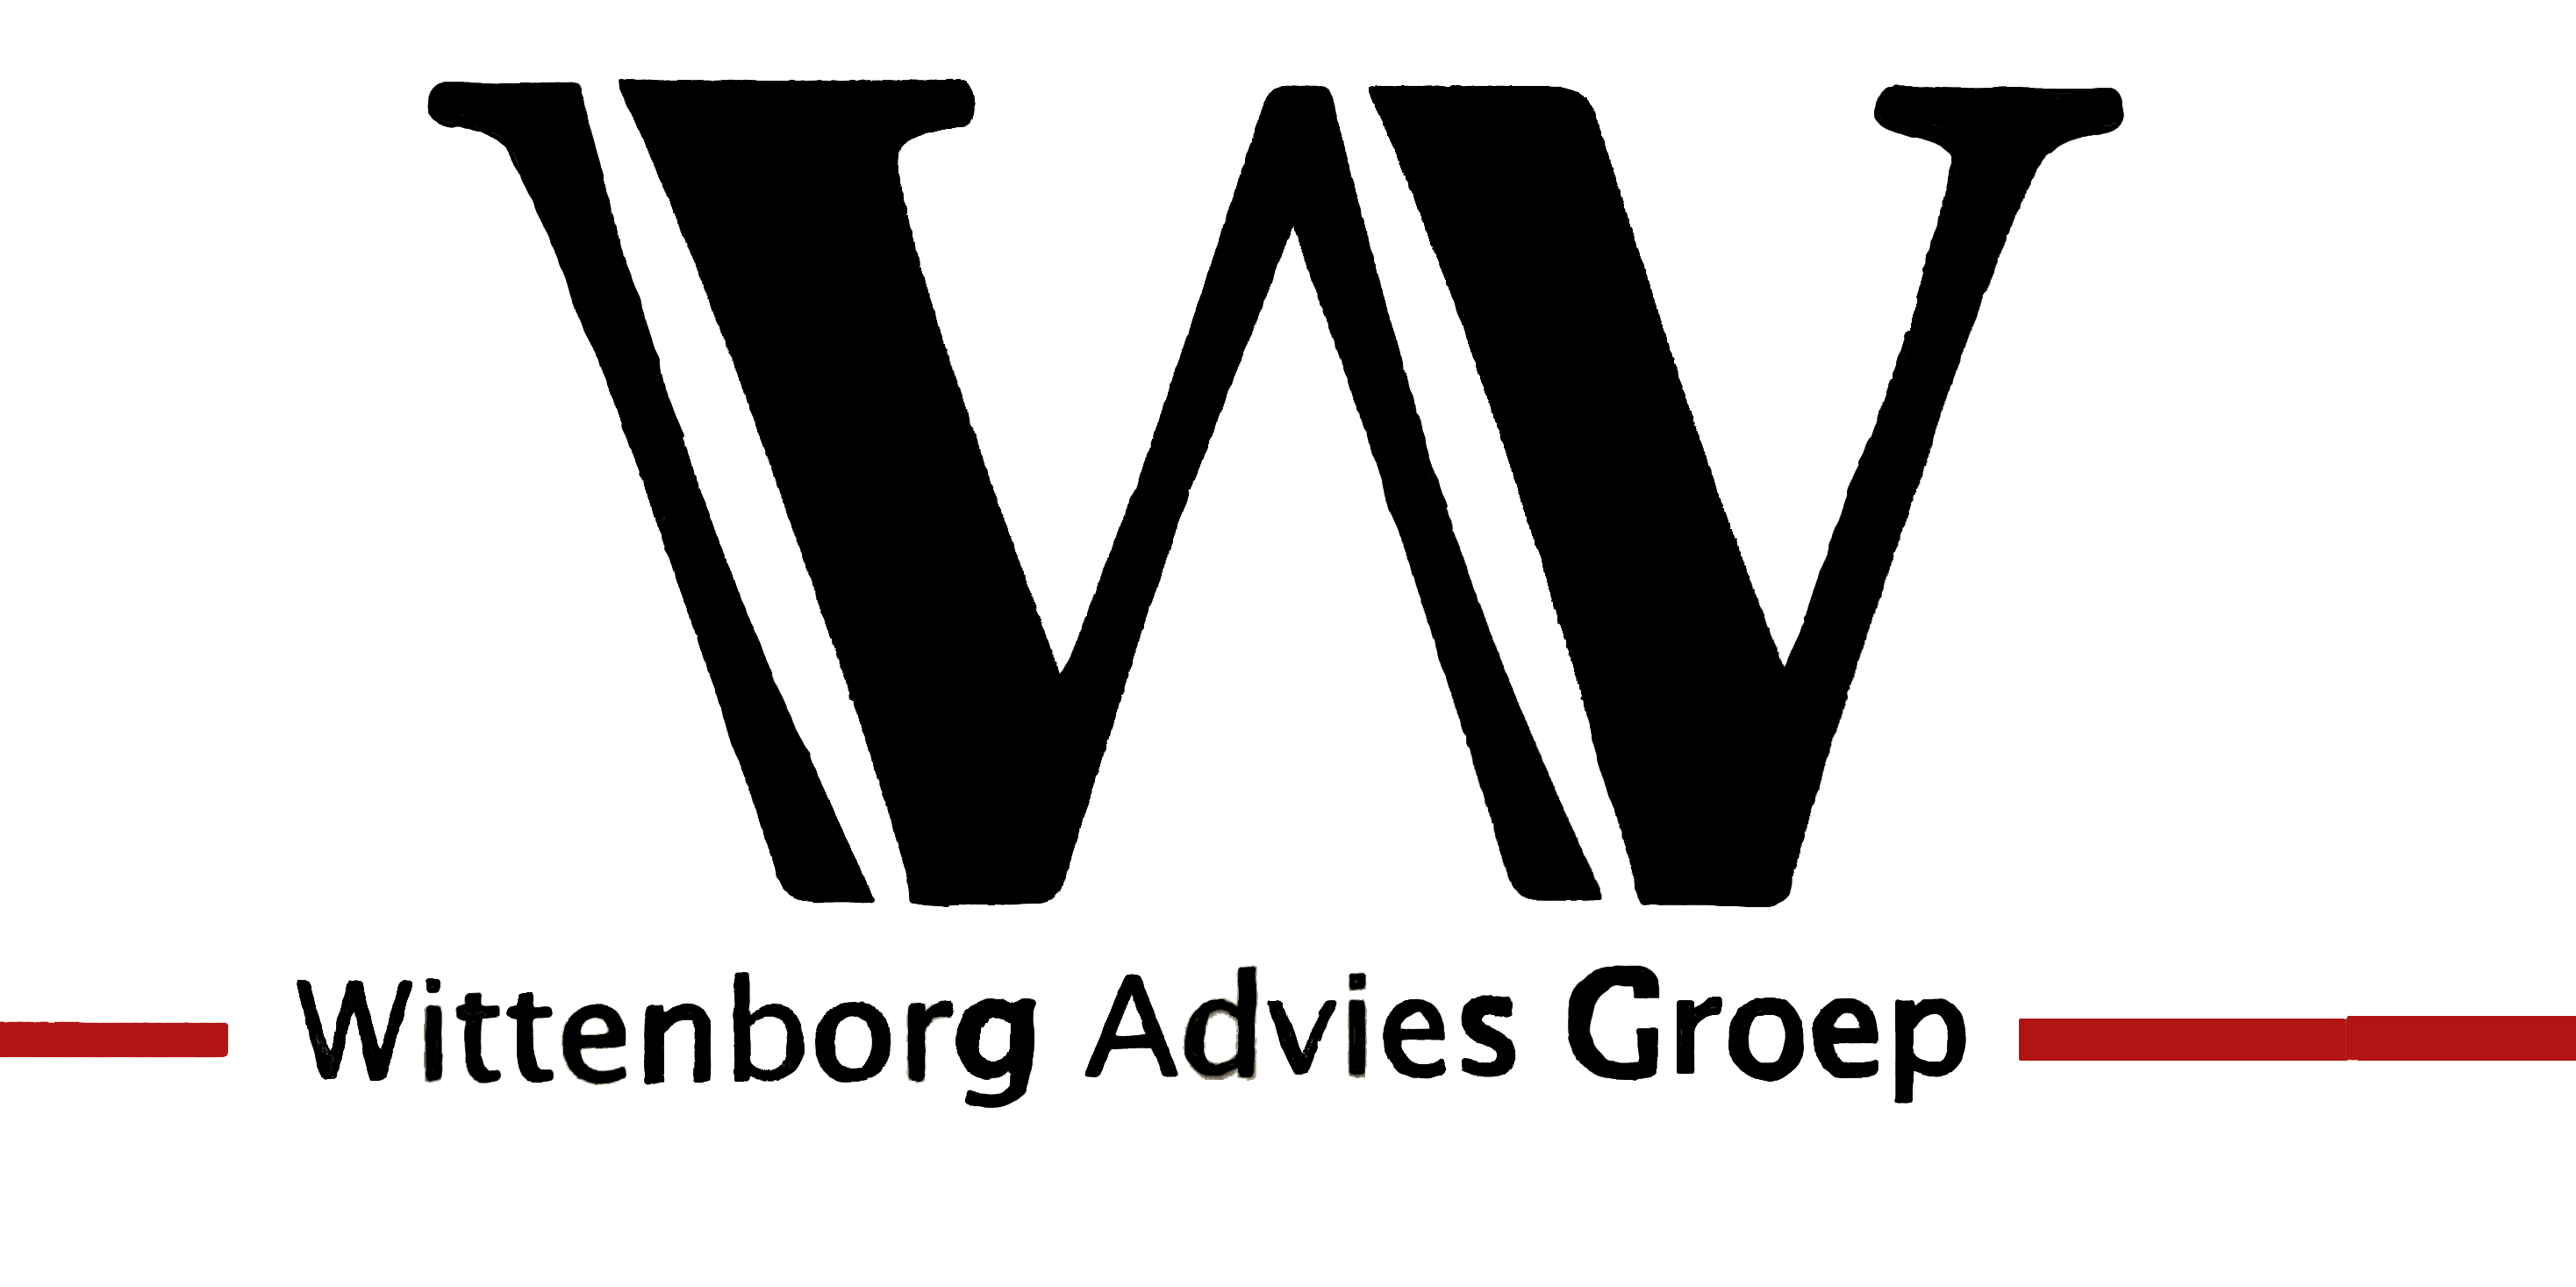 Wittenborg Advies Groep